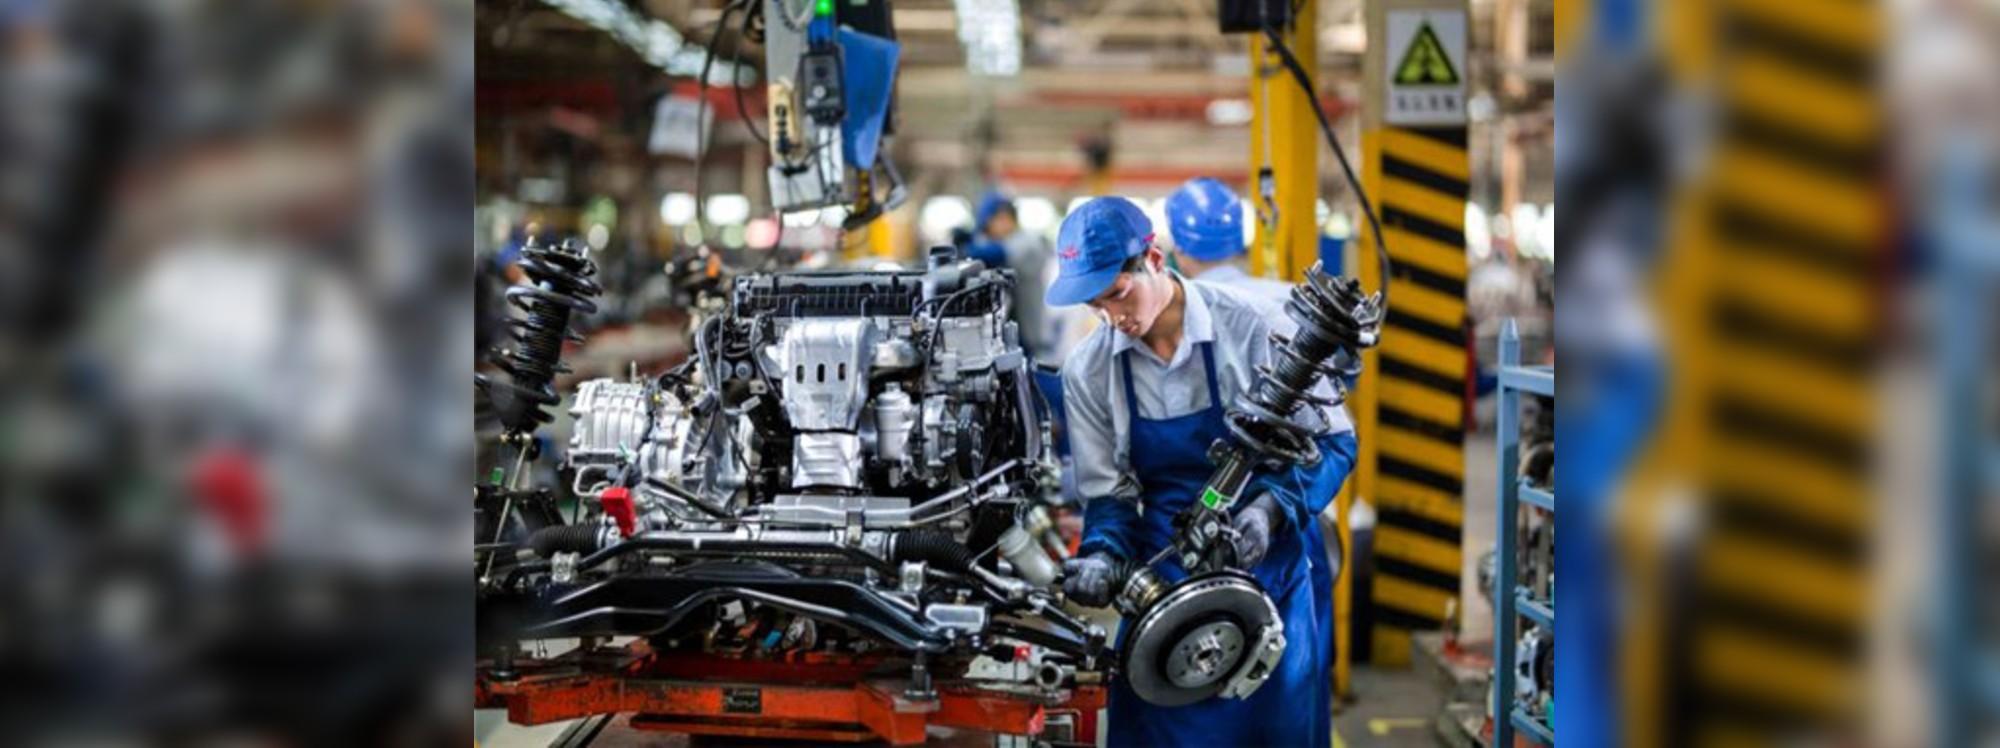 Nueva energía y movilidad inteligente son los pilares de la planta de ICV de Chery